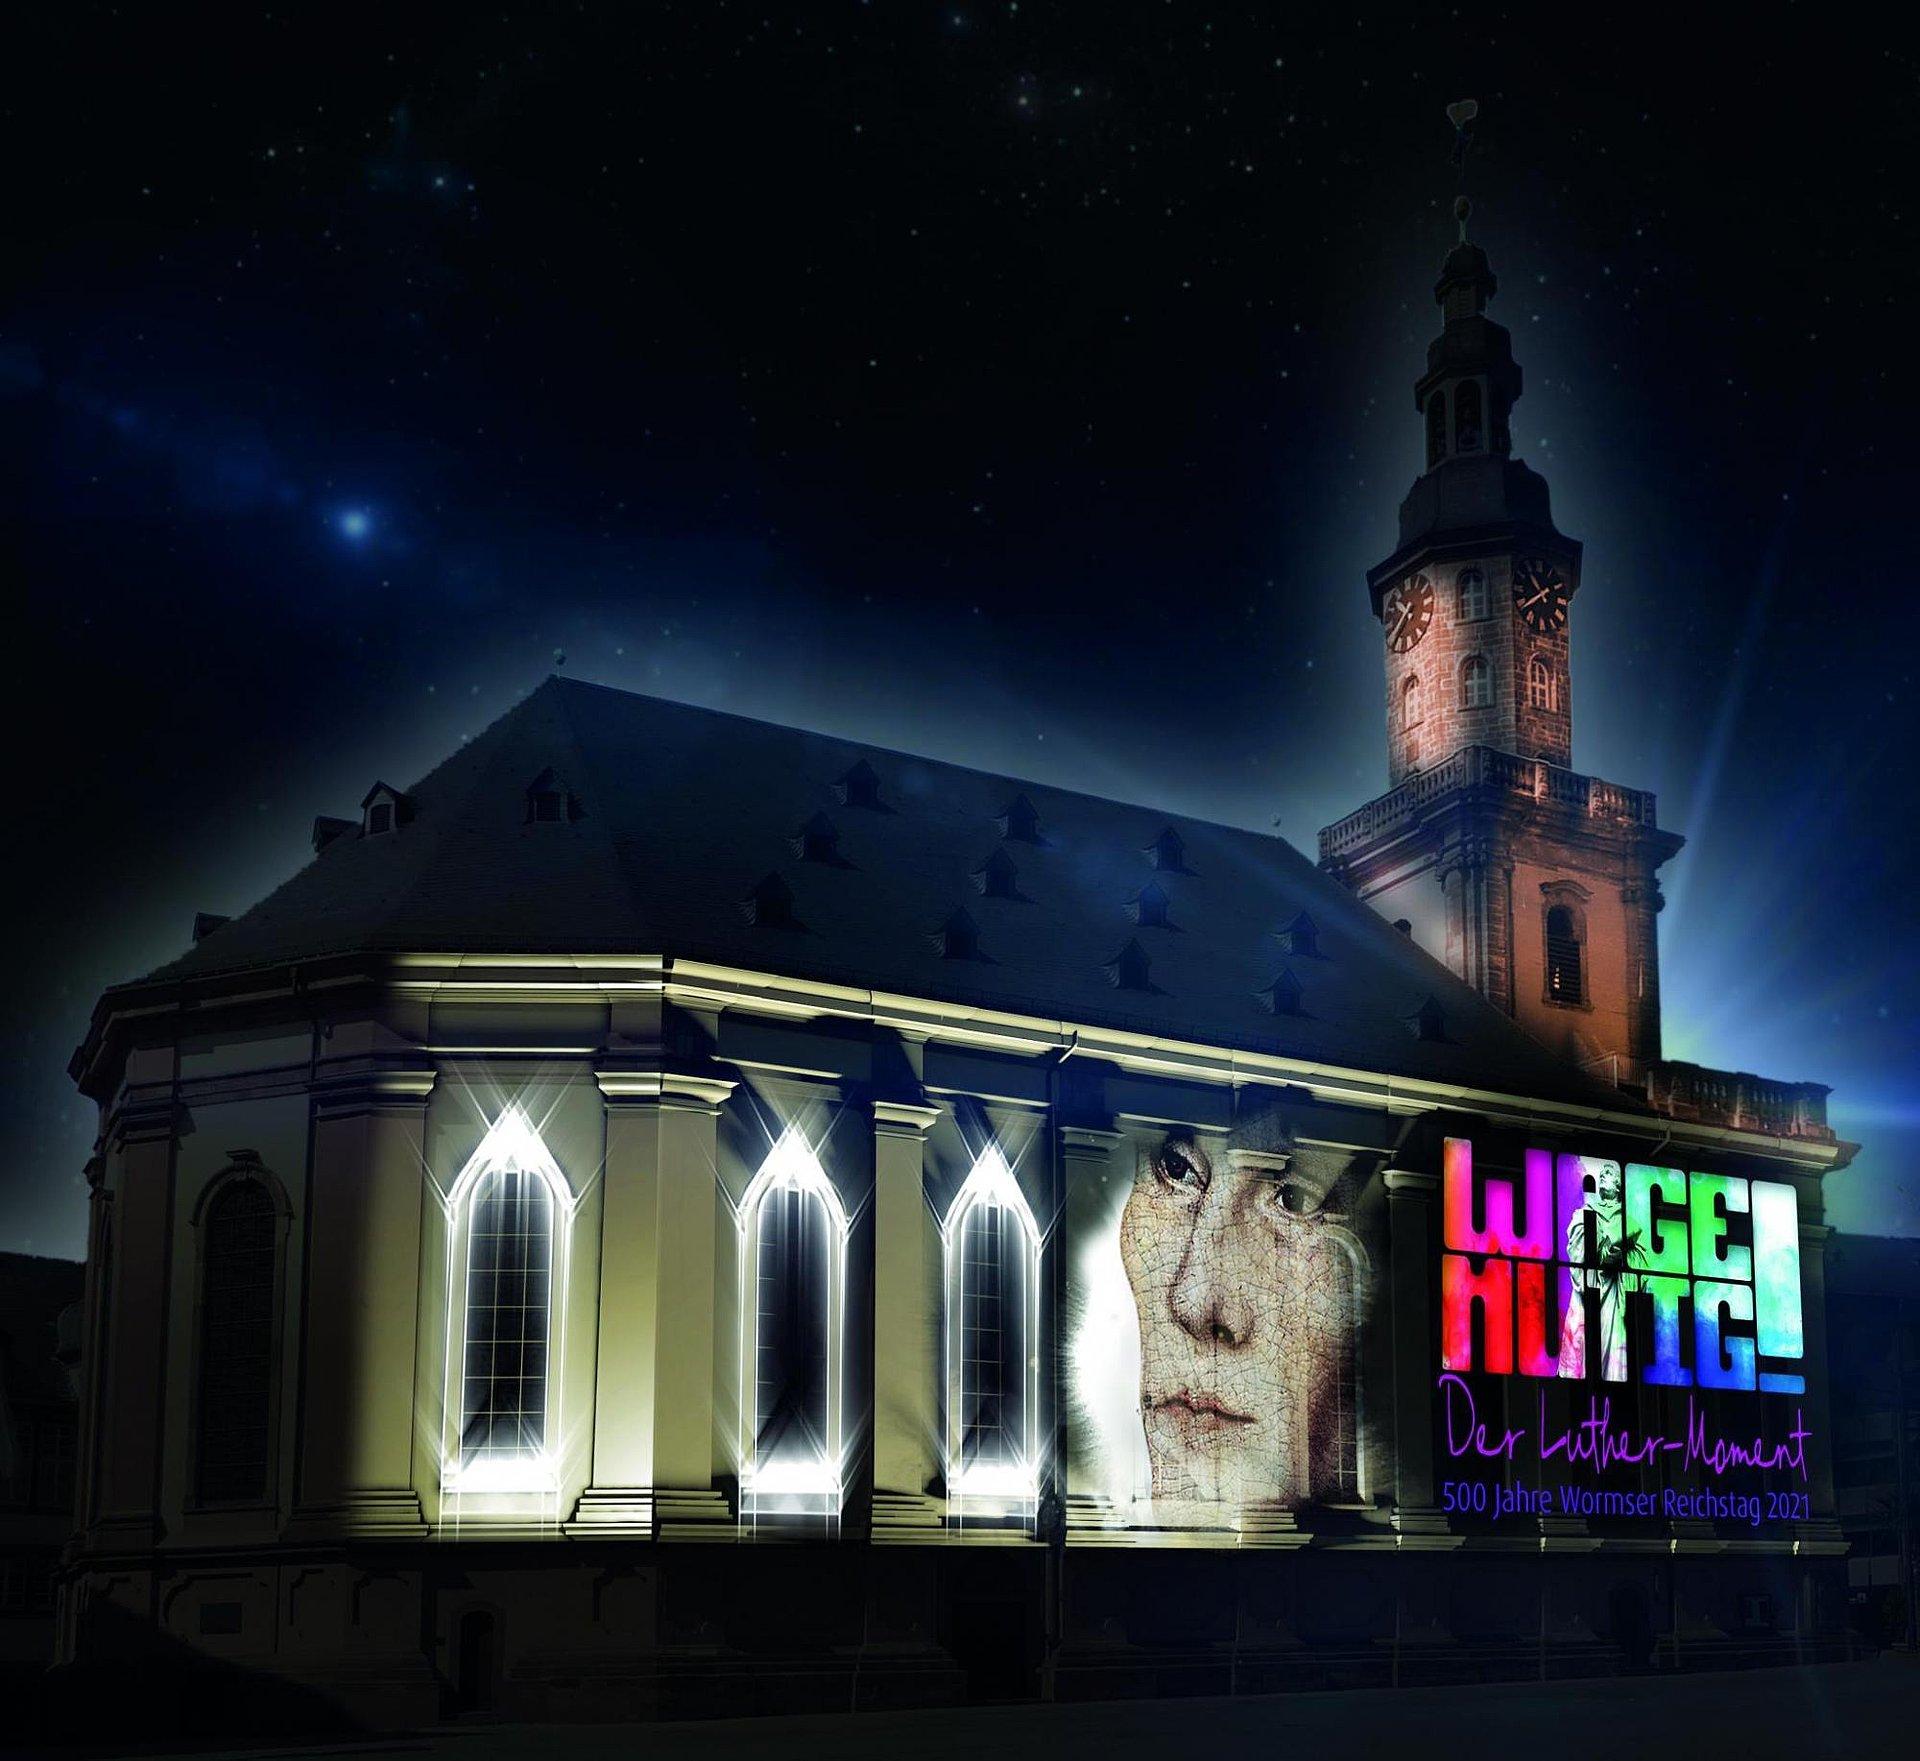 Luther-Moment an der Dreifaltigkeitskirche Worms, Rheinhessen